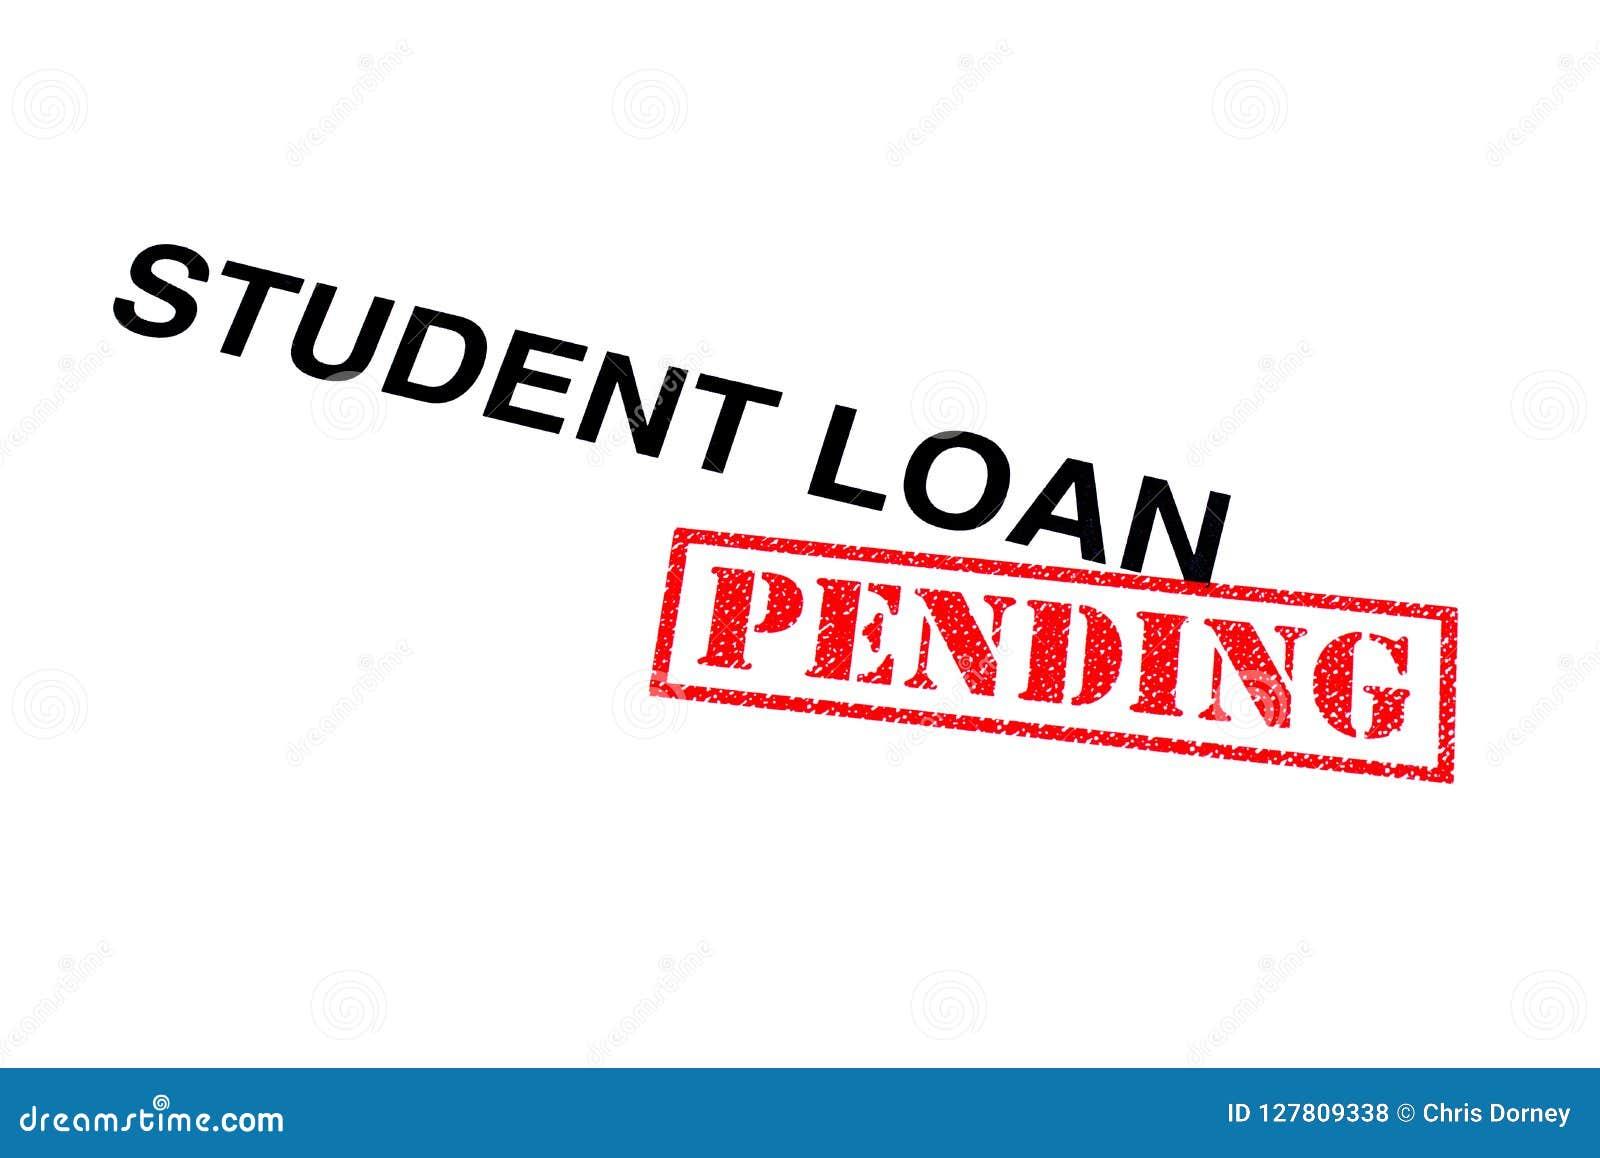 Student Loan Pending